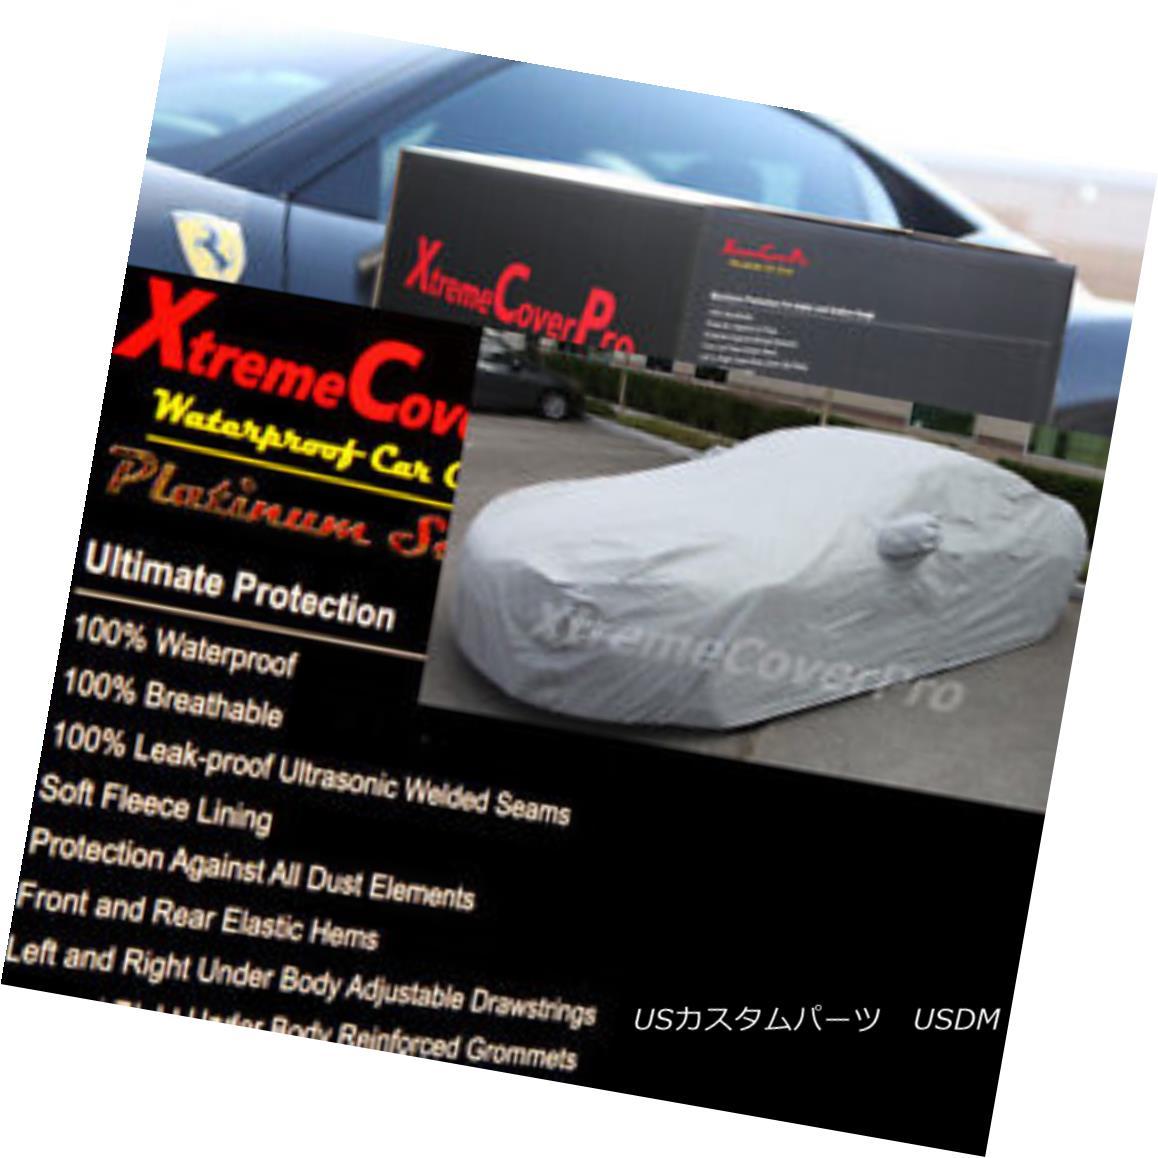 カーカバー 2013 Chrysler 200 Sedan Waterproof Car Cover w/MirrorPocket MirrorPocketを搭載した2013クライスラー200セダン防水カーカバー